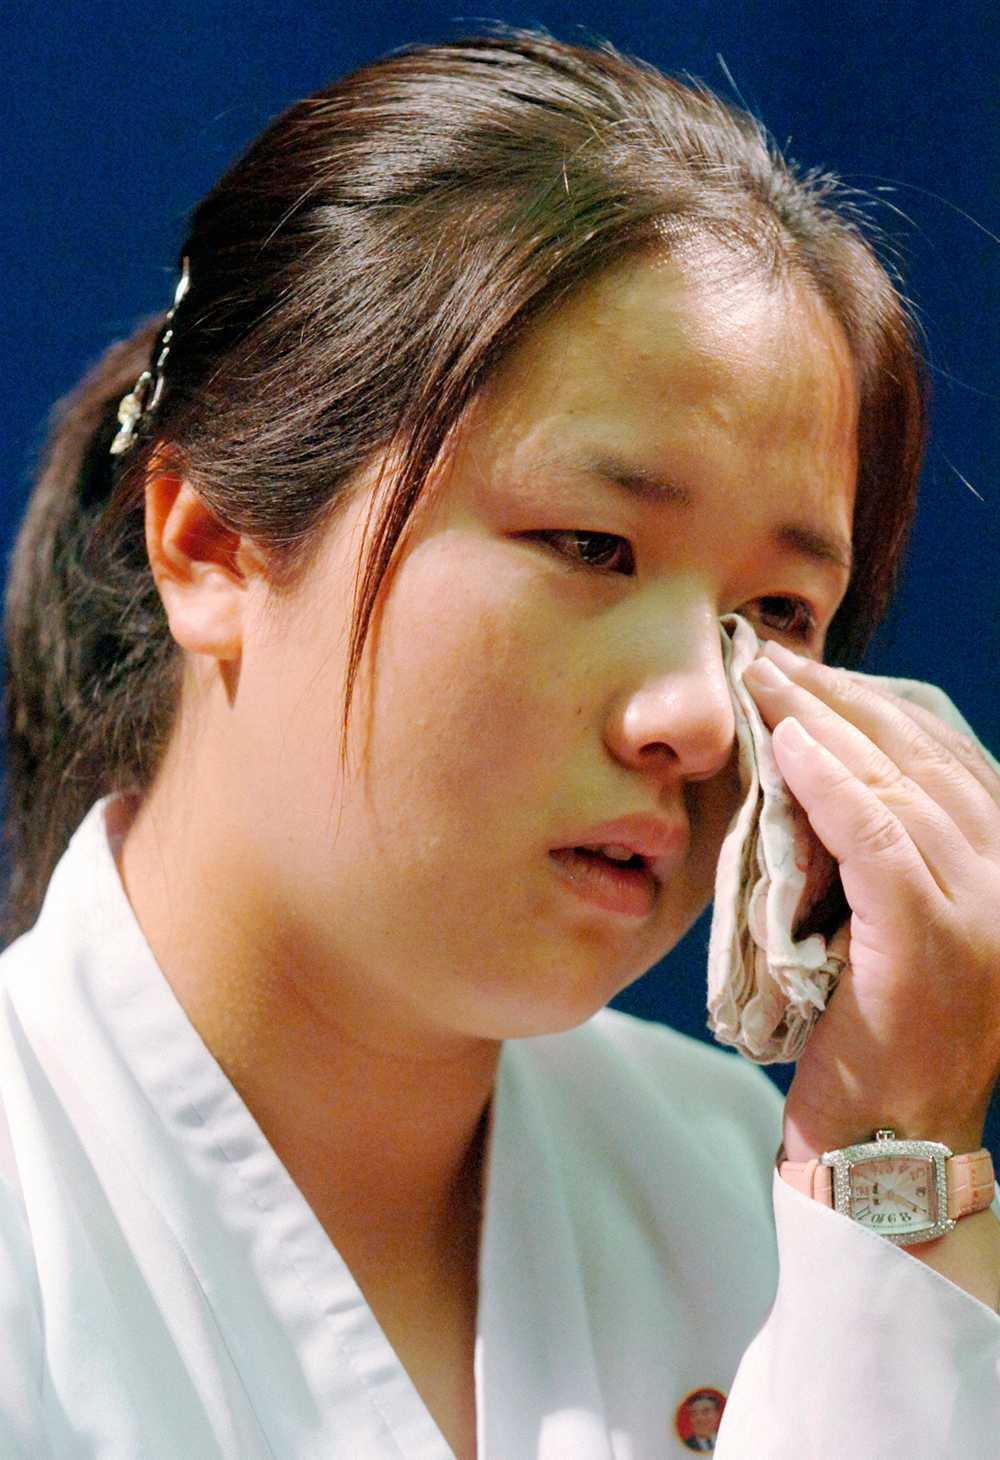 Kim Un Kyong, 26 år, vars mamma Megumi Yokota kidnappades av Nordkorea 1977, när hon pratar om sina japanska morföräldrar under en presskonferens.